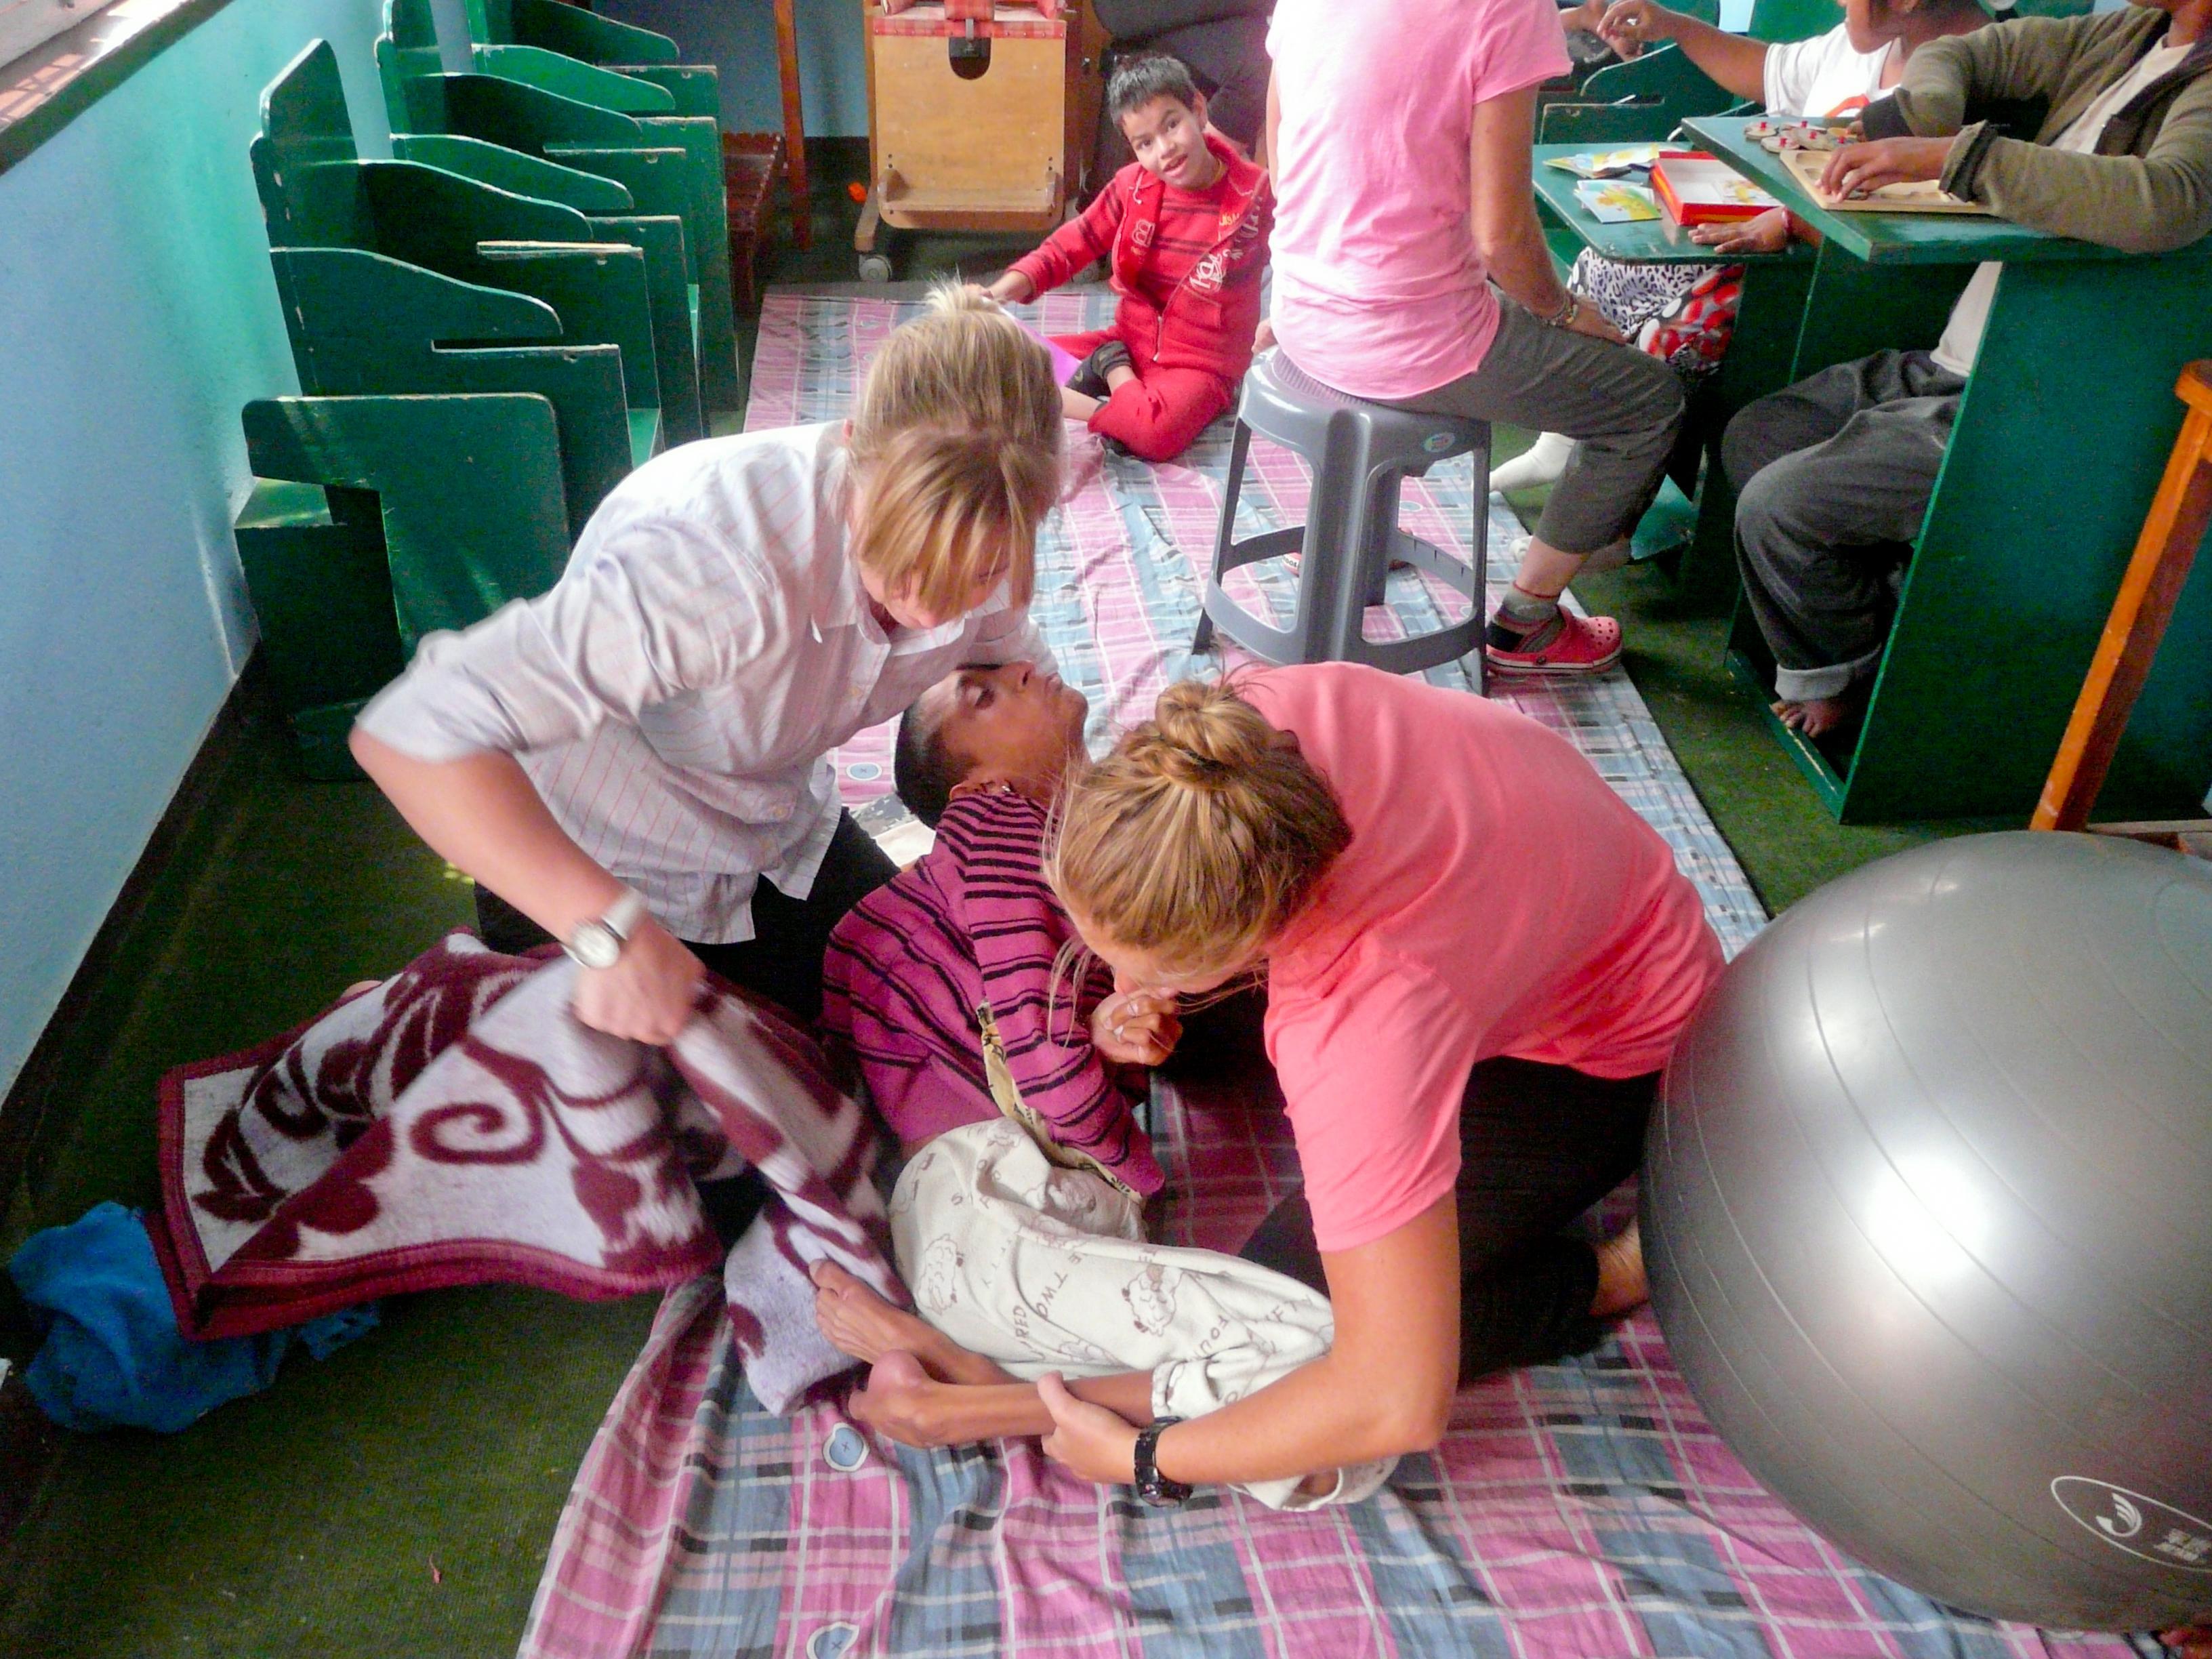 Internas de Fisioterapia en Nepal ayudan a una mujer discapacitada a ejercitar sus piernas.